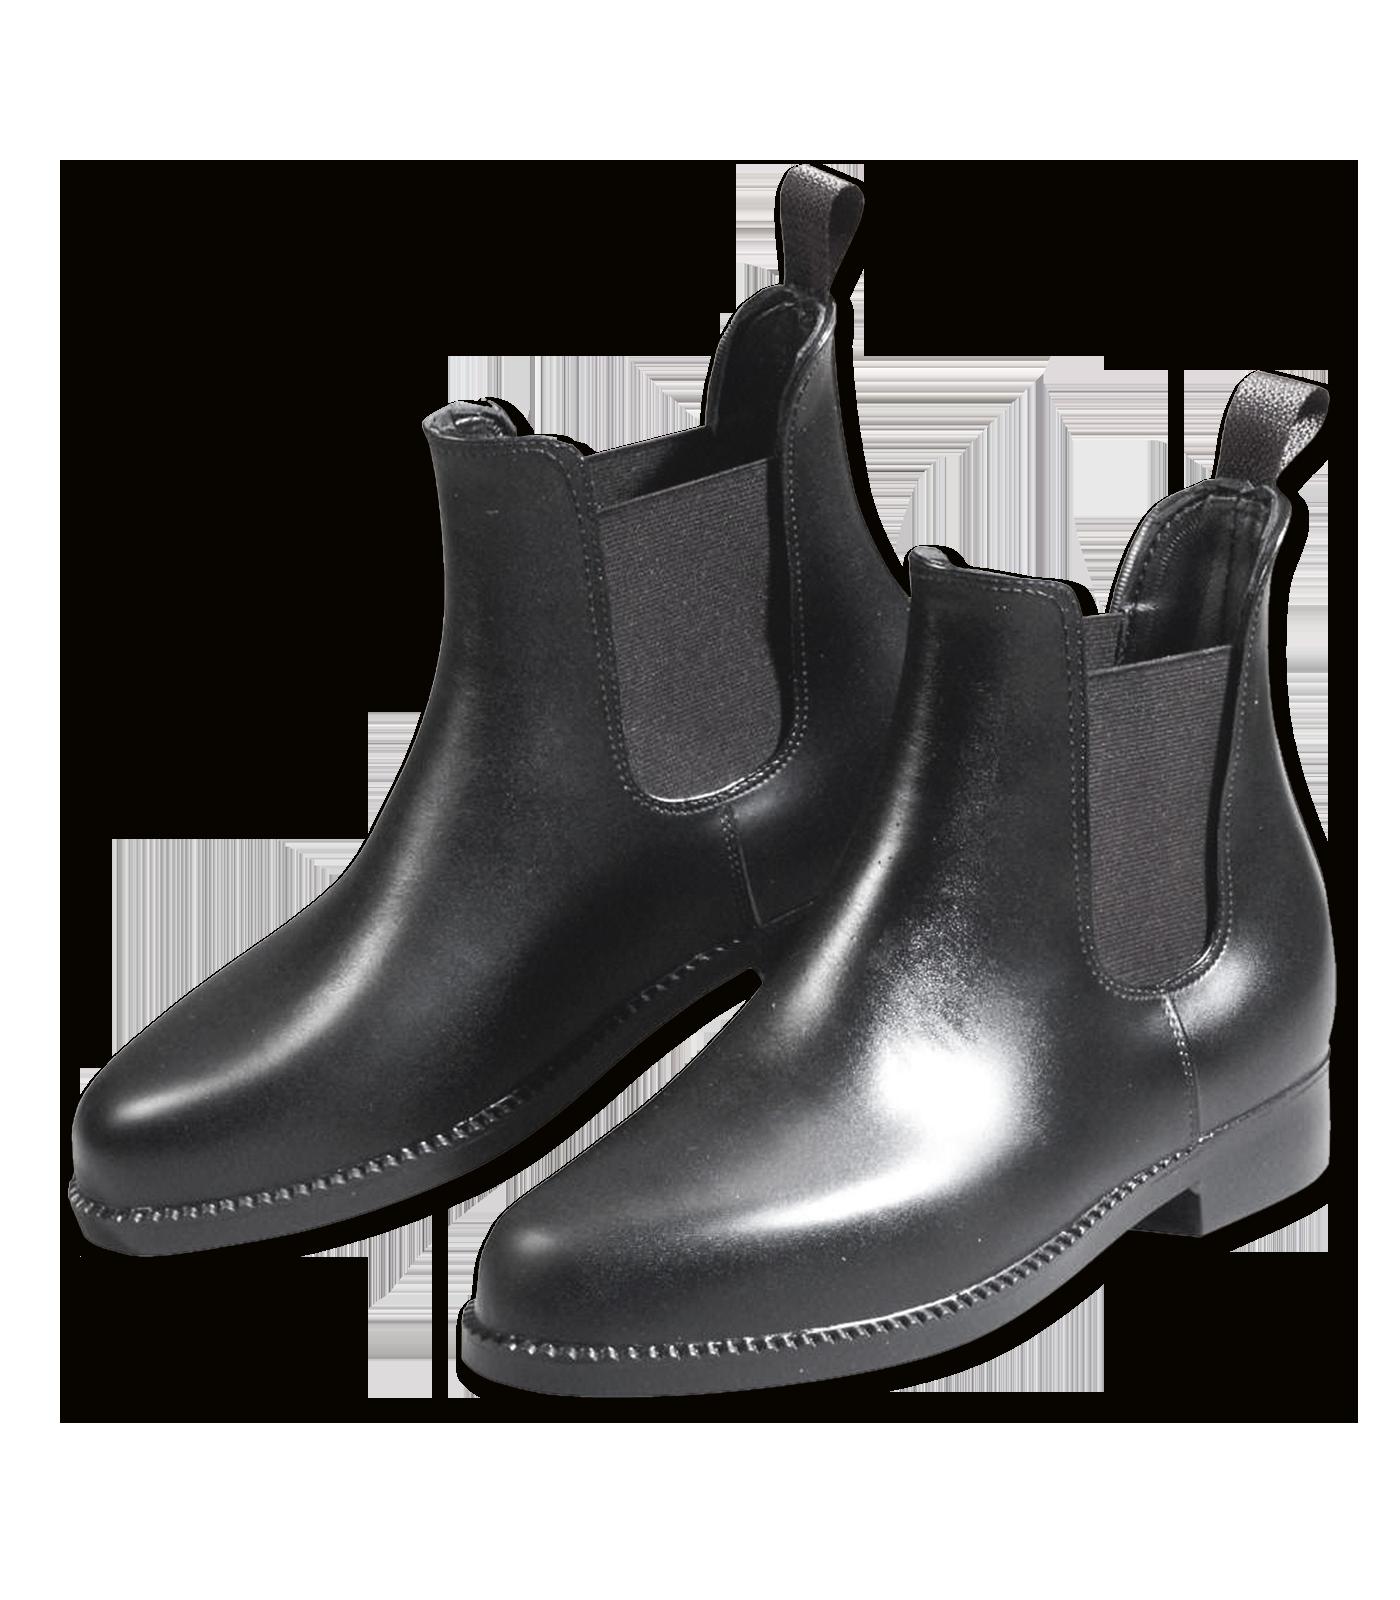 Elt Short Rubber Boots Natal Saddlery